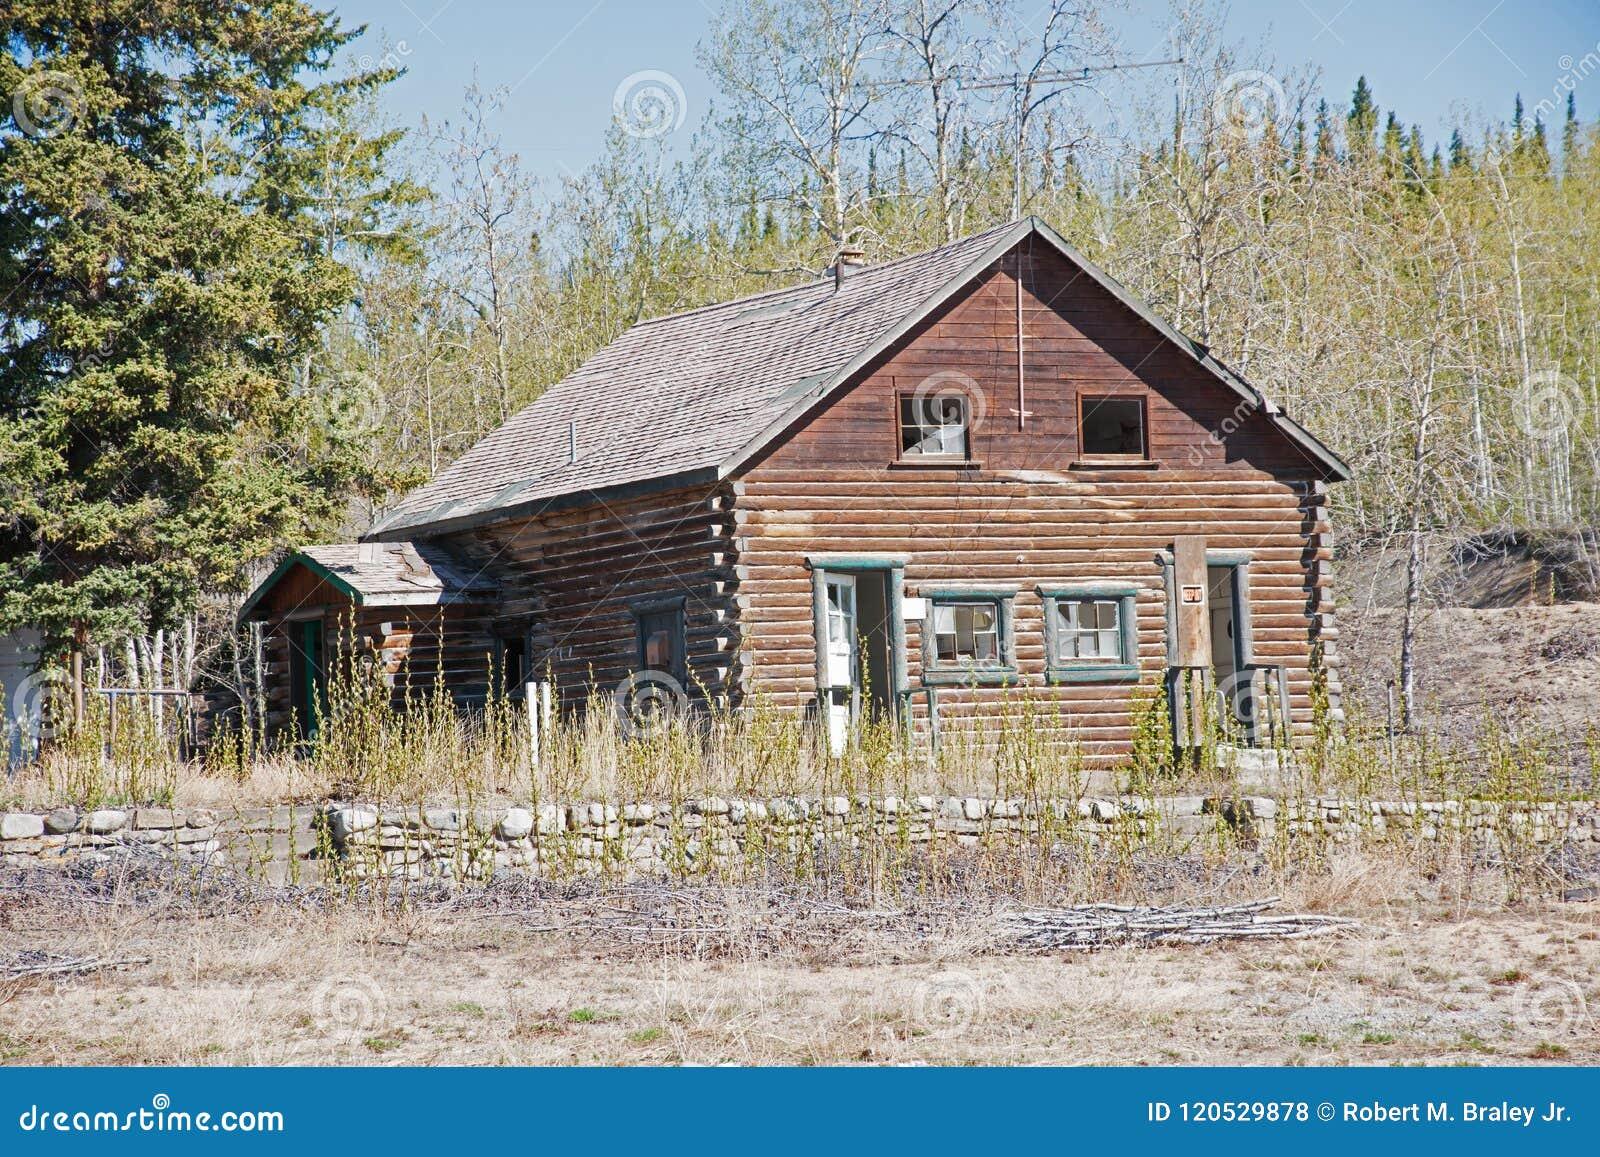 Log Buildings Northway Junction Alaska